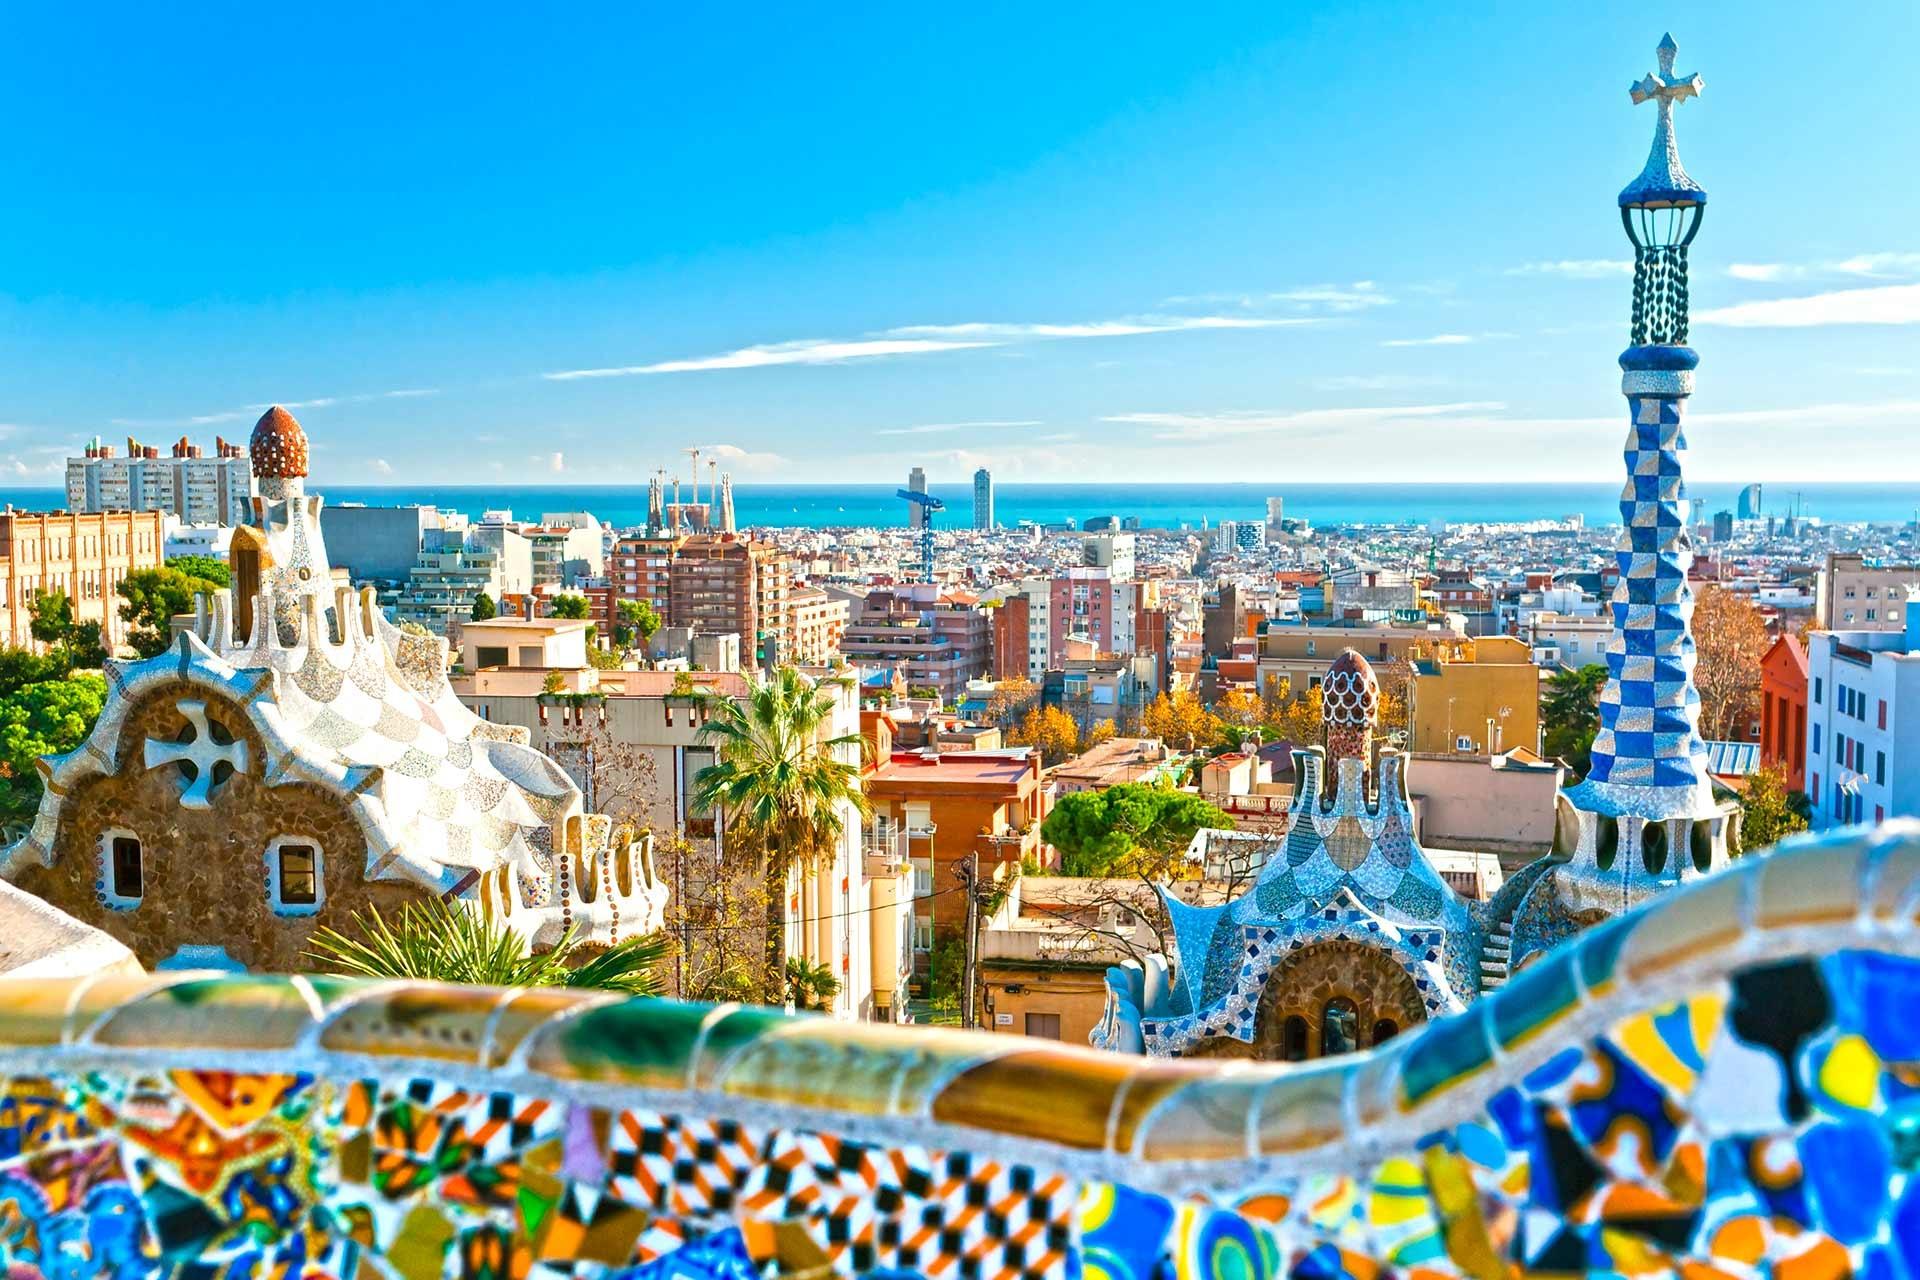 Viaggi: Arriva La Classifica Delle Migliori Città Per Un Weekend #0394C8 1920 1280 Isole E Carrelli Di Cucina